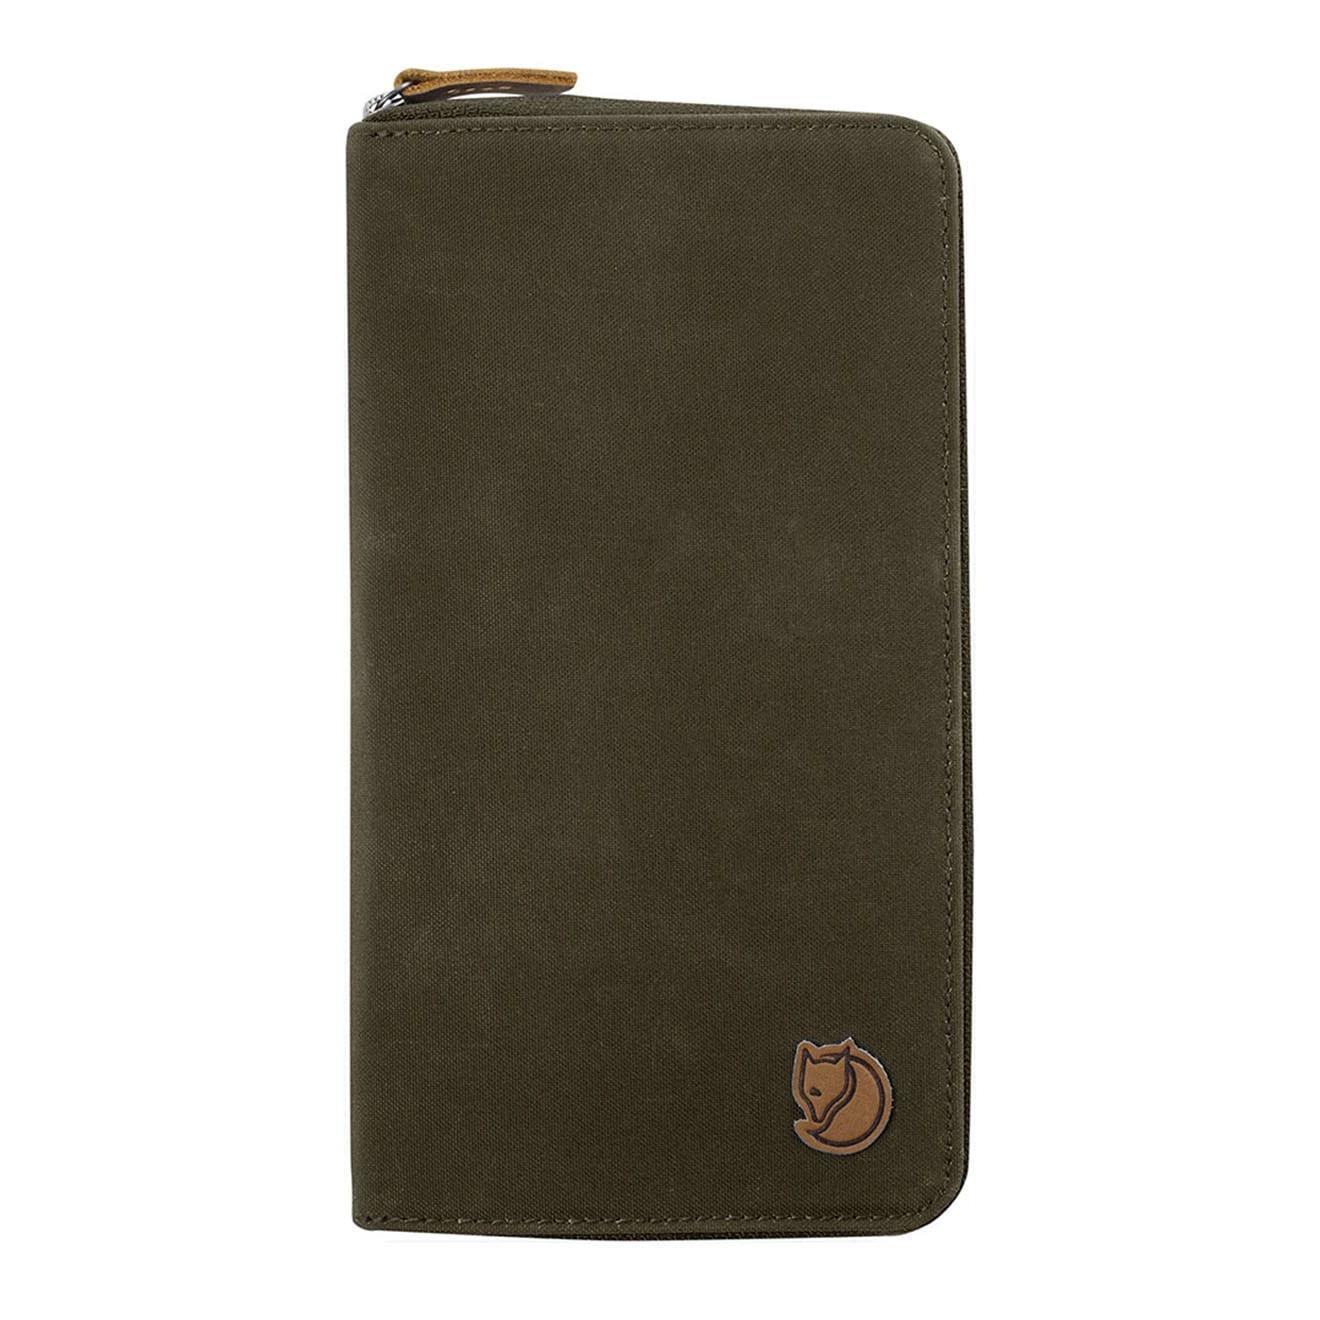 6dfd28d78 Fjallraven Travel Wallet Dark Olive